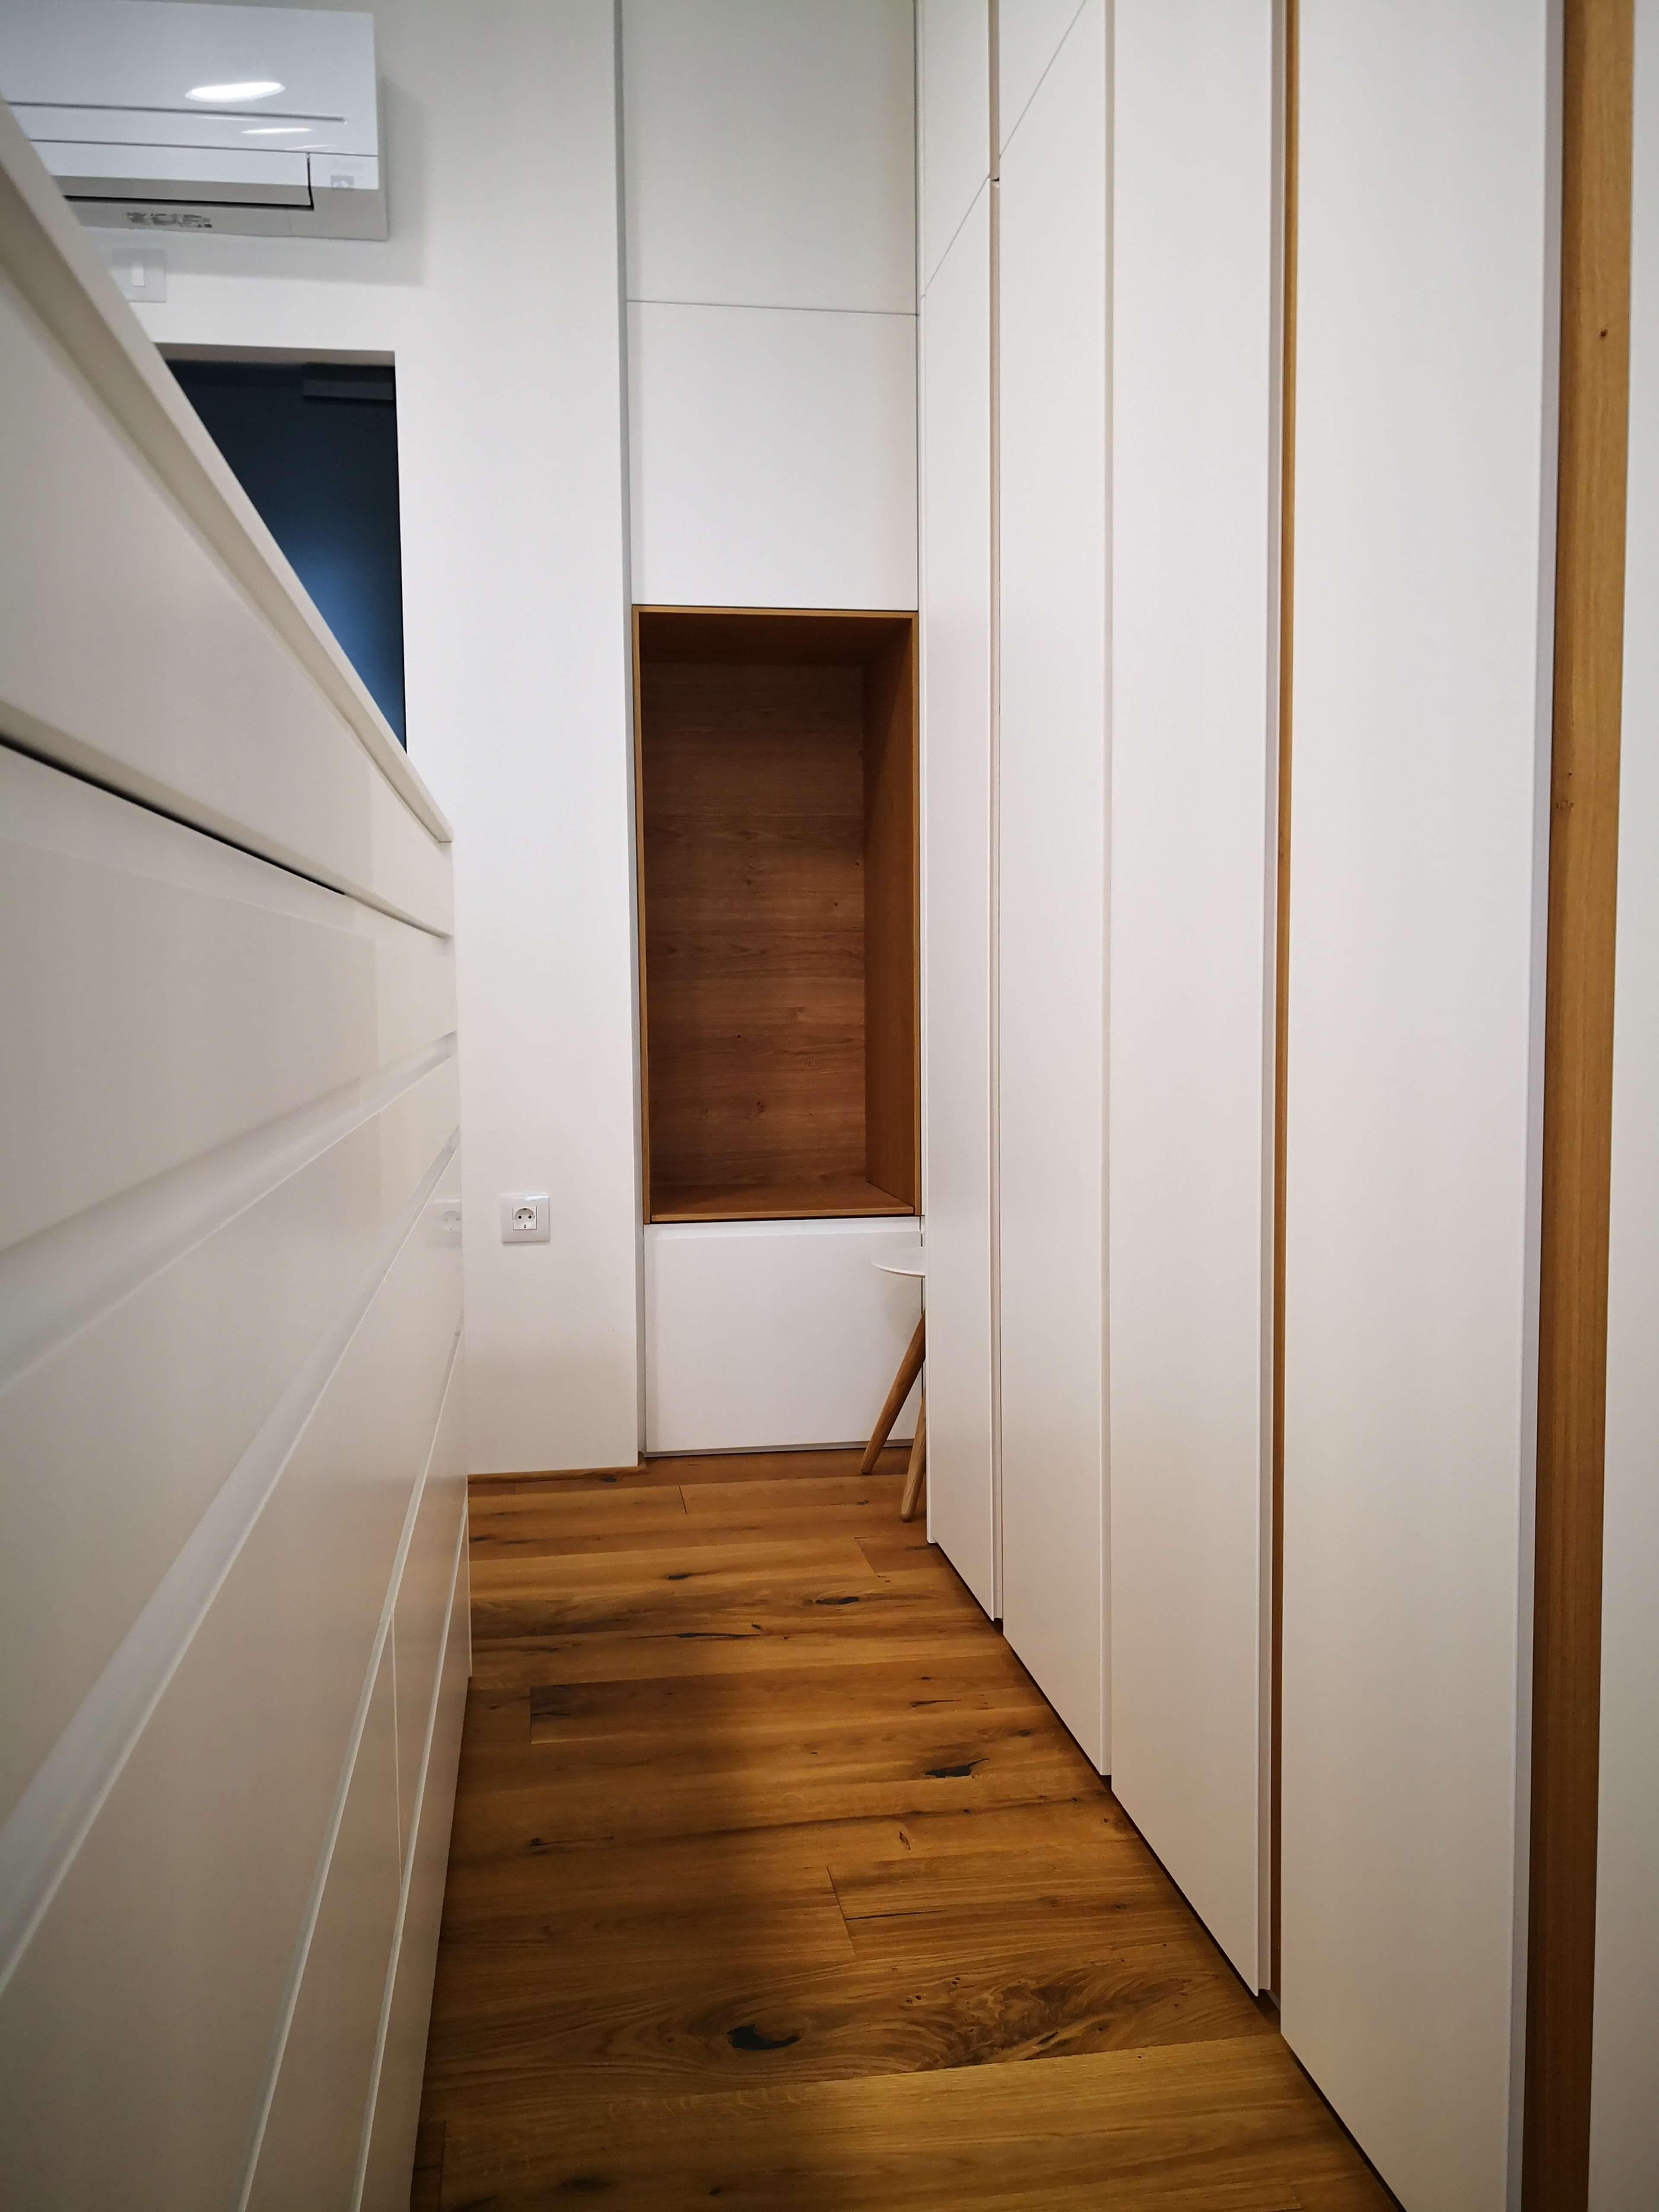 spalnica z vgradnimi omarami